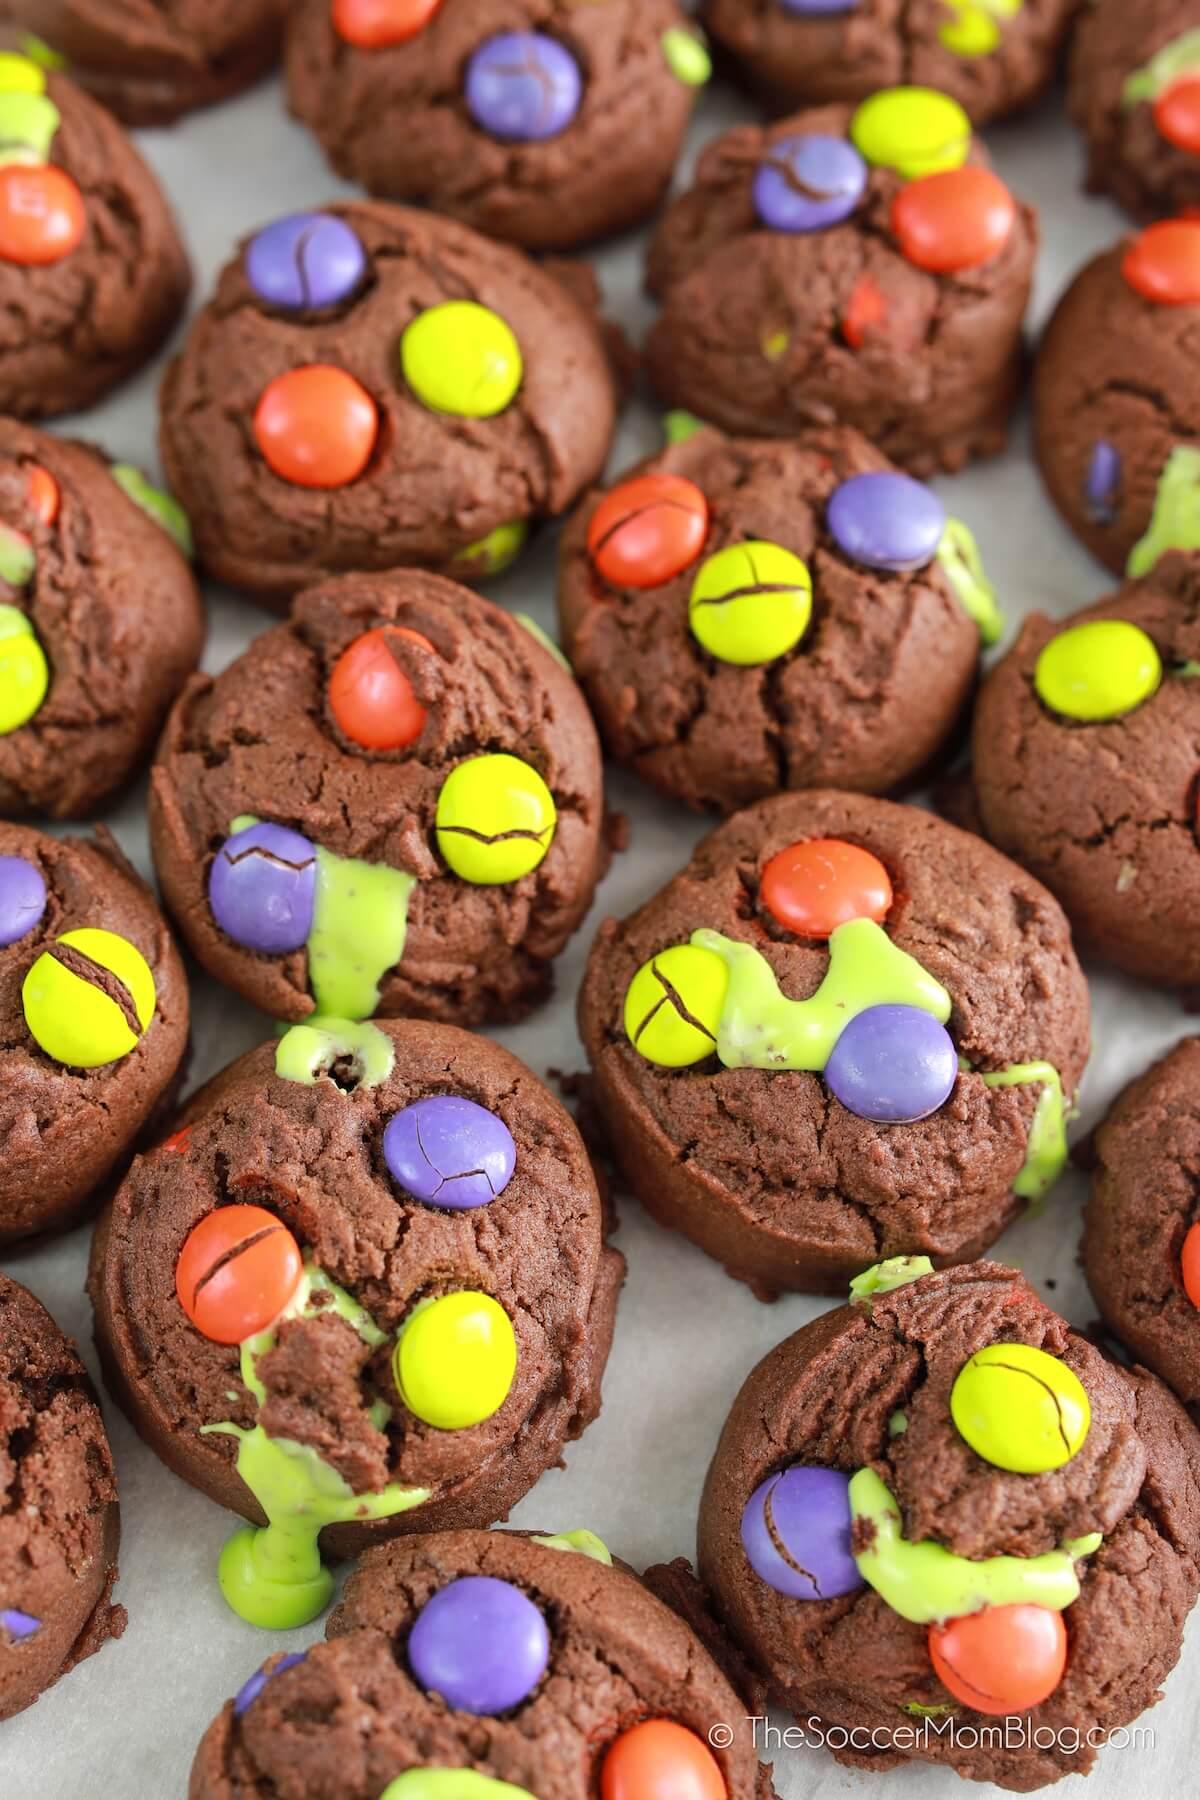 lote de galletas de Halloween rezumando glaseado verde